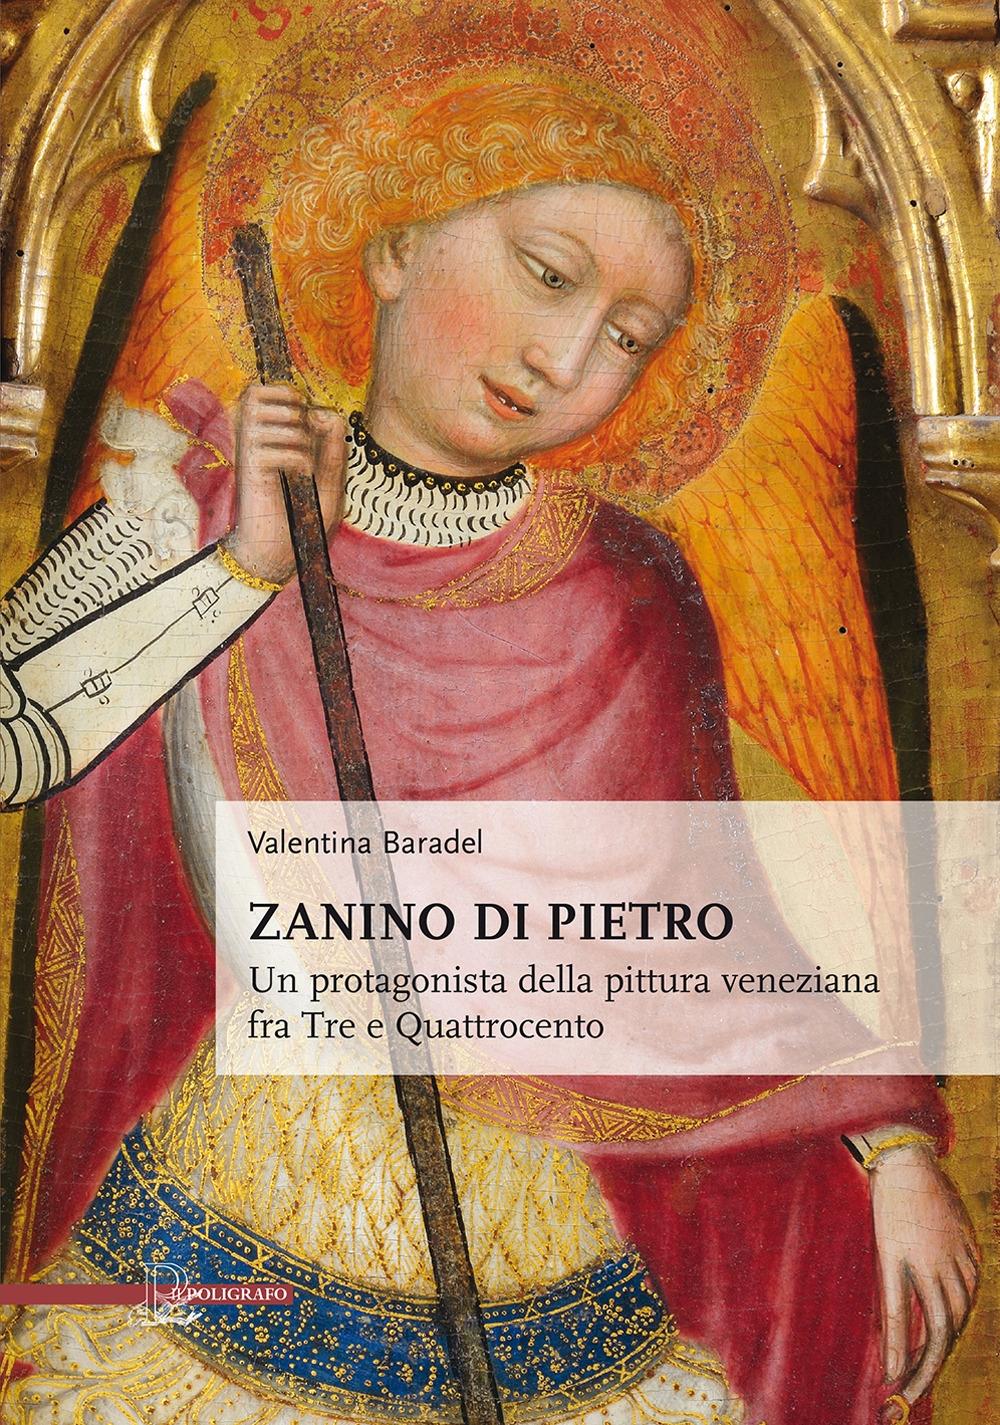 Zanino di Pietro. Un protagonista della pittura veneziana tra Tre e Quattrocento